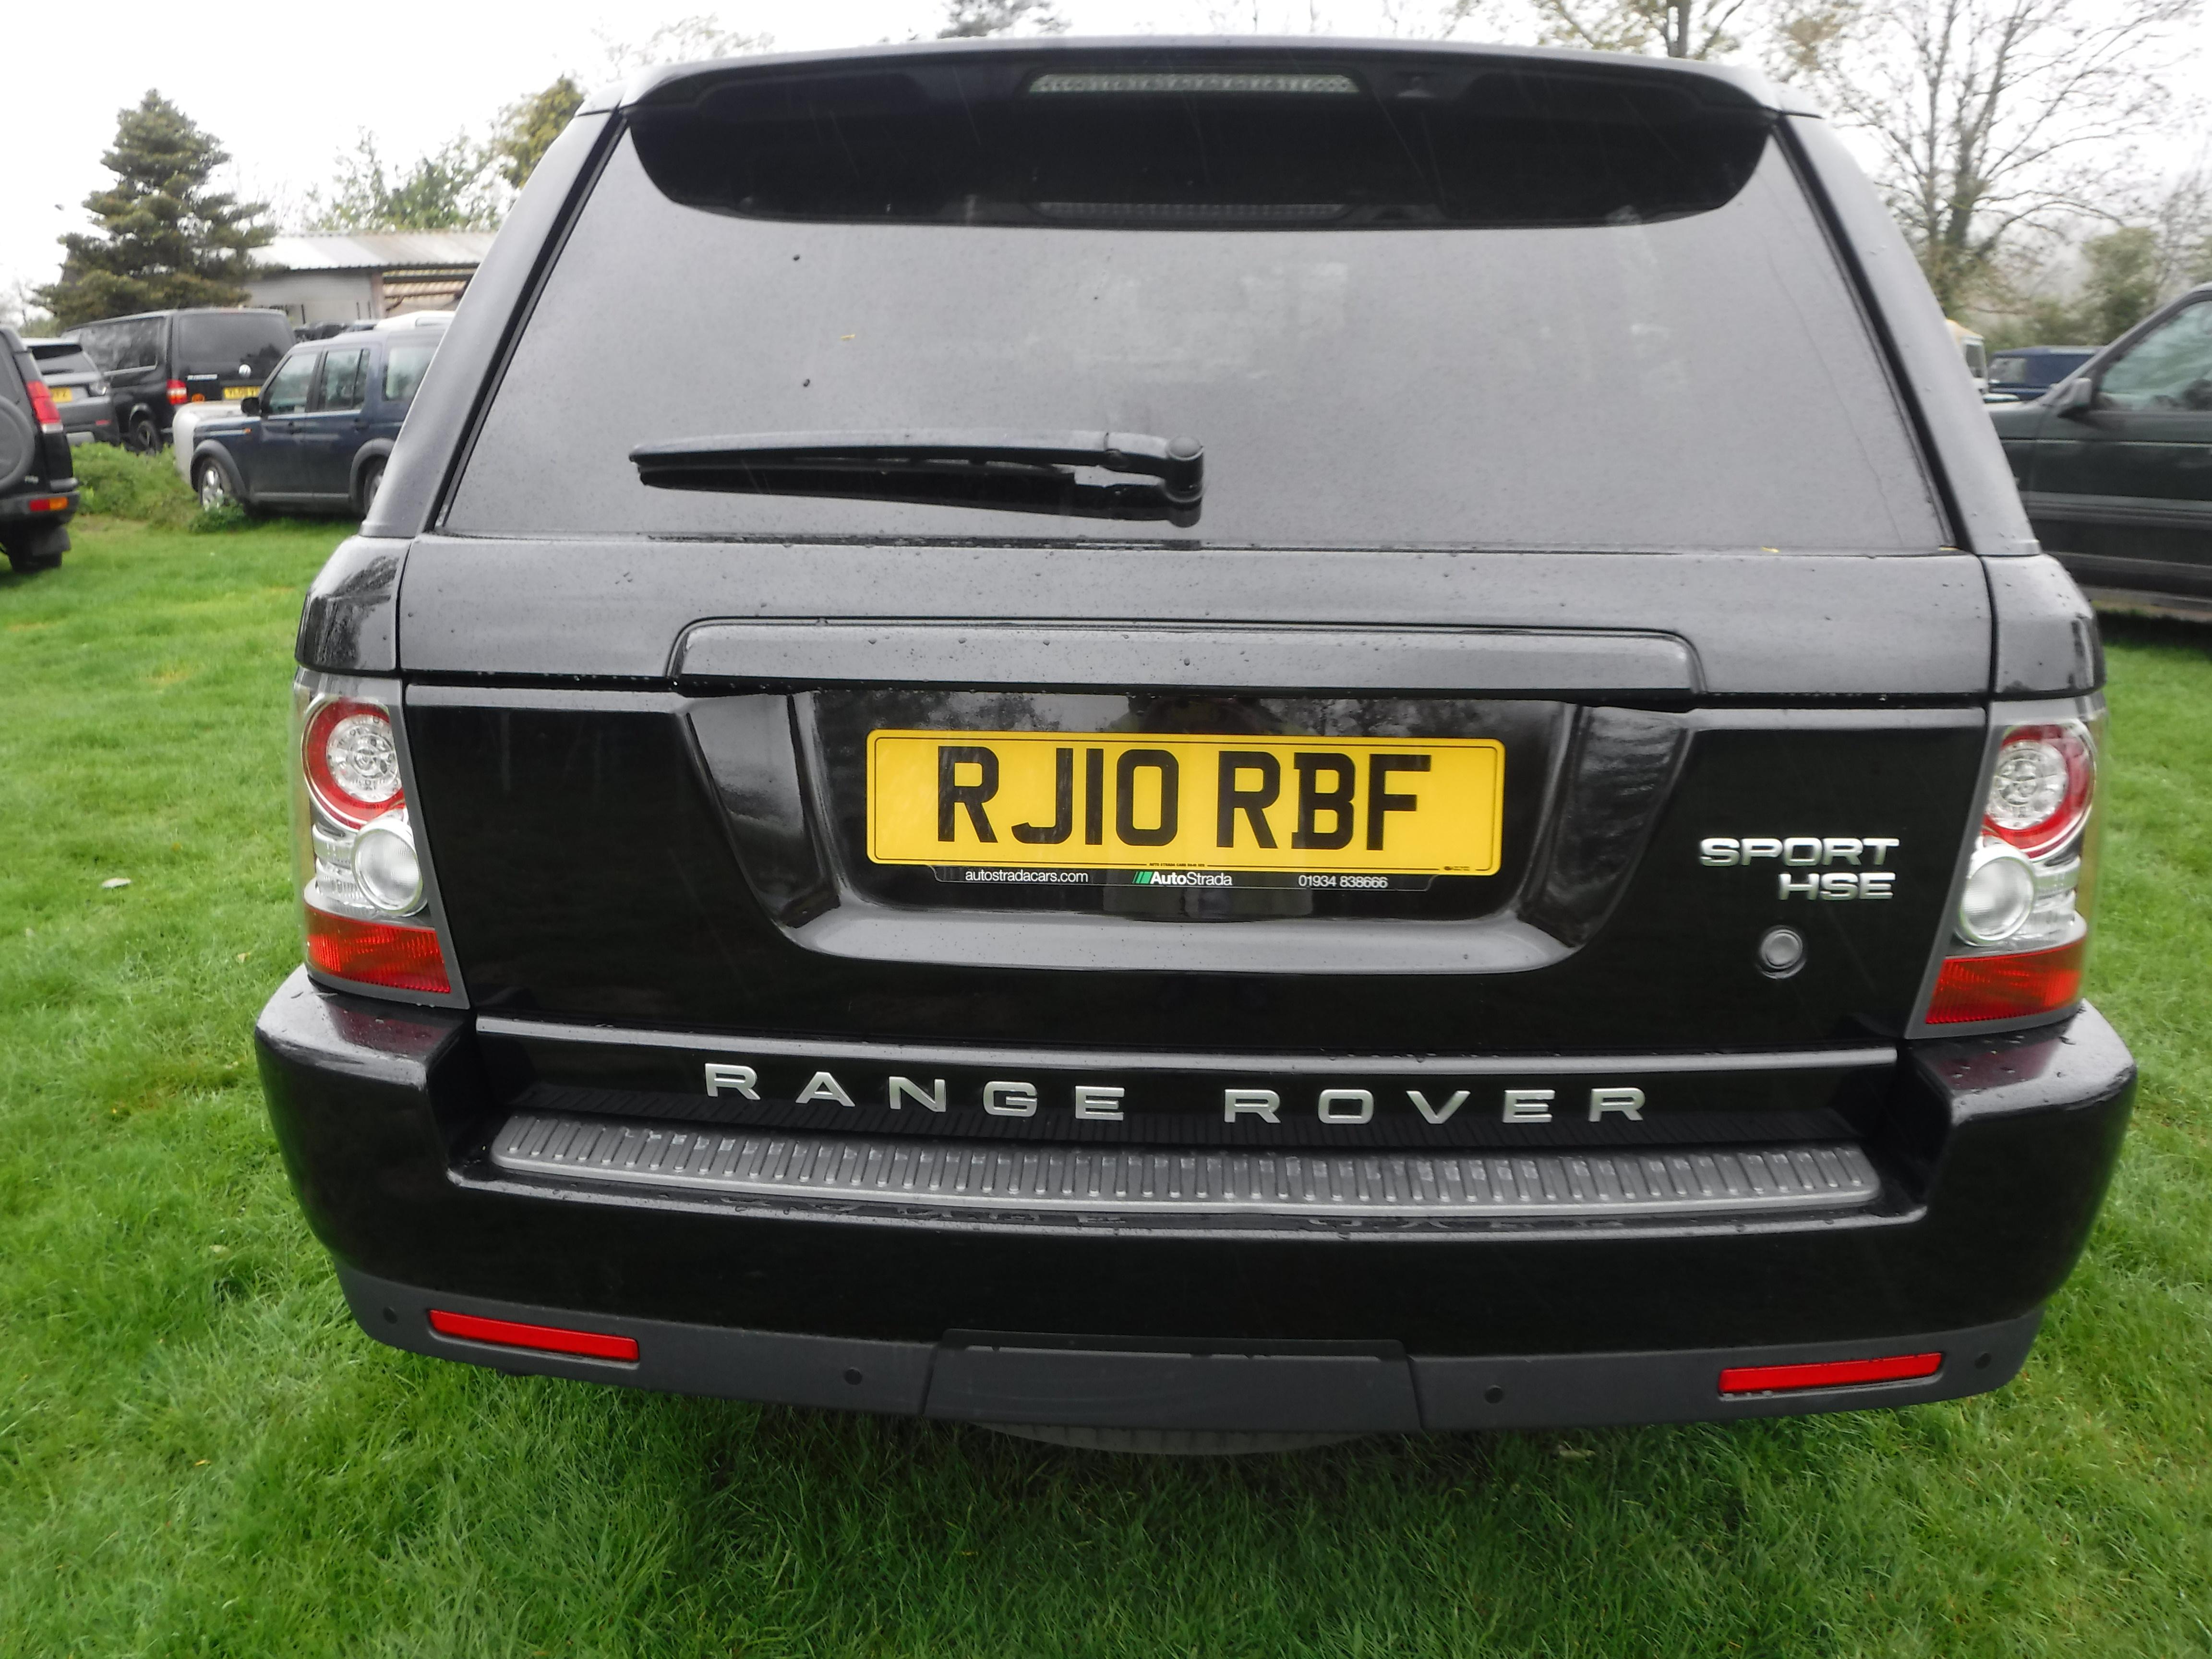 RJ10 RBF 004